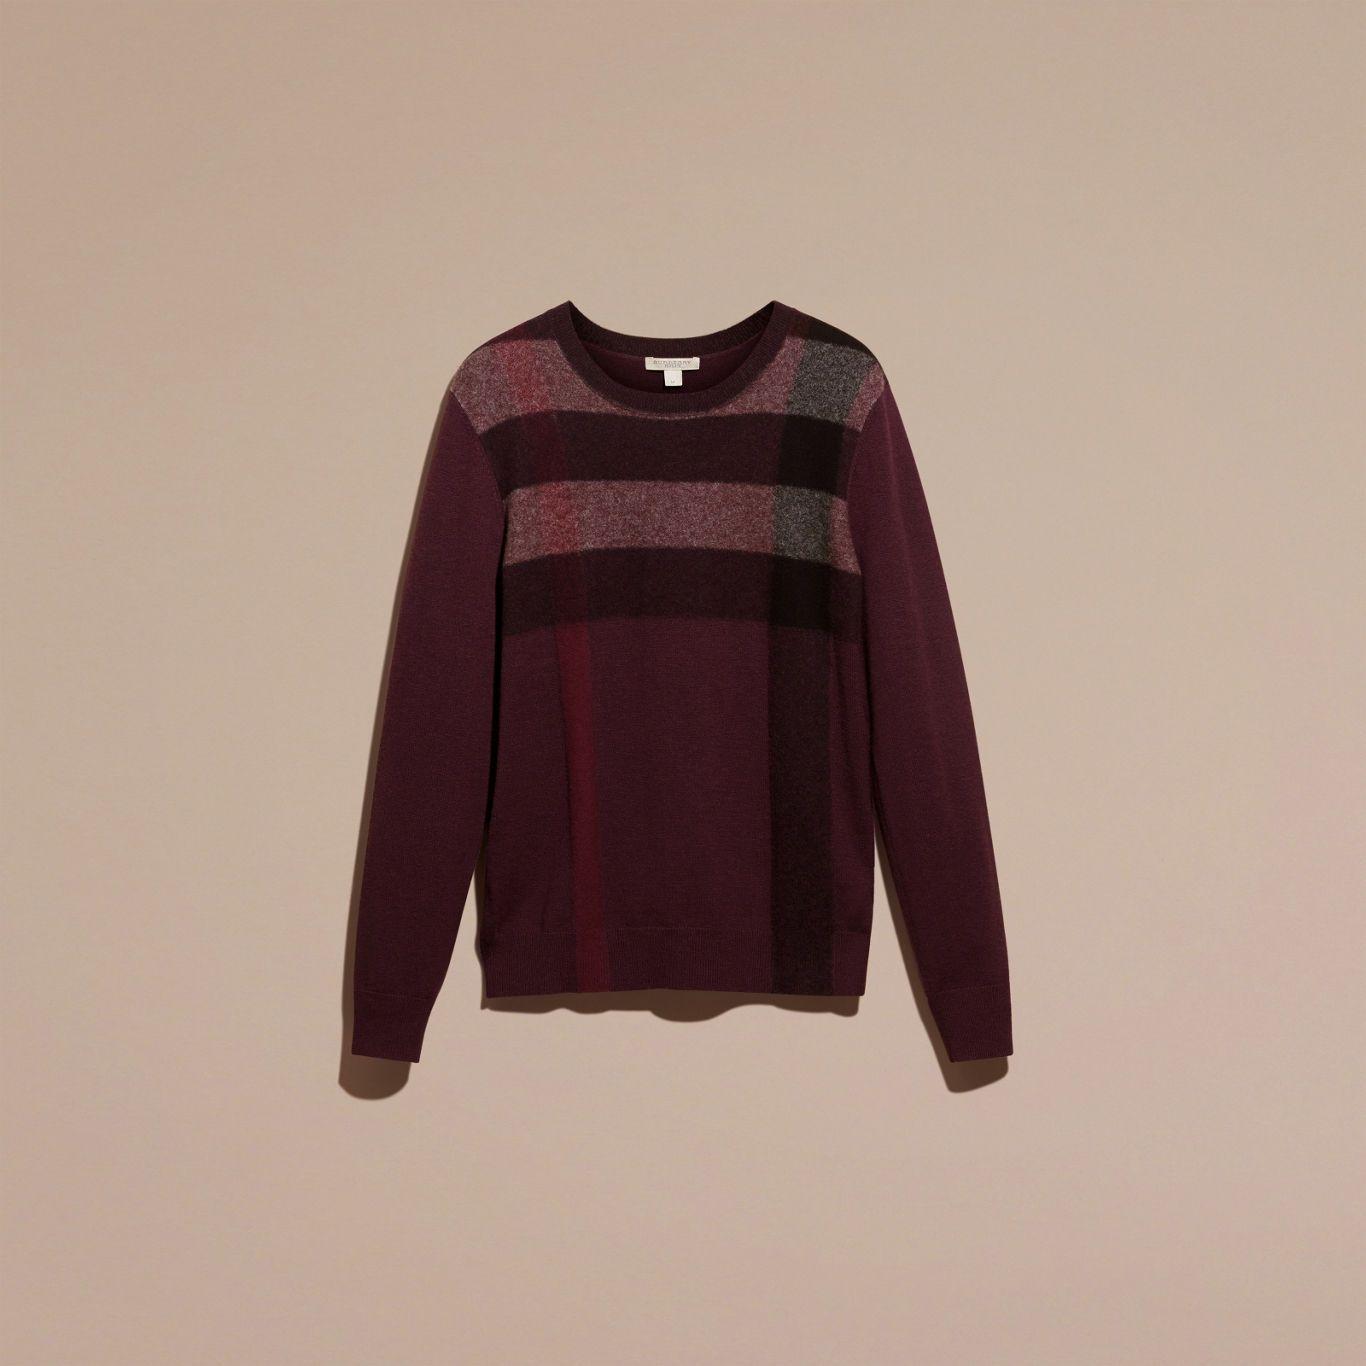 Ein Pullover aus einer thermoregulierend Mischung aus Kaschmir und Baumwolle mit einem markanten Check-Design auf der Vorderseite. Der schmal geschnittene Pullover kann besonders gut alleine getragen oder auch mit einem Hemd mit Button-down-Kragen kombiniert werden.